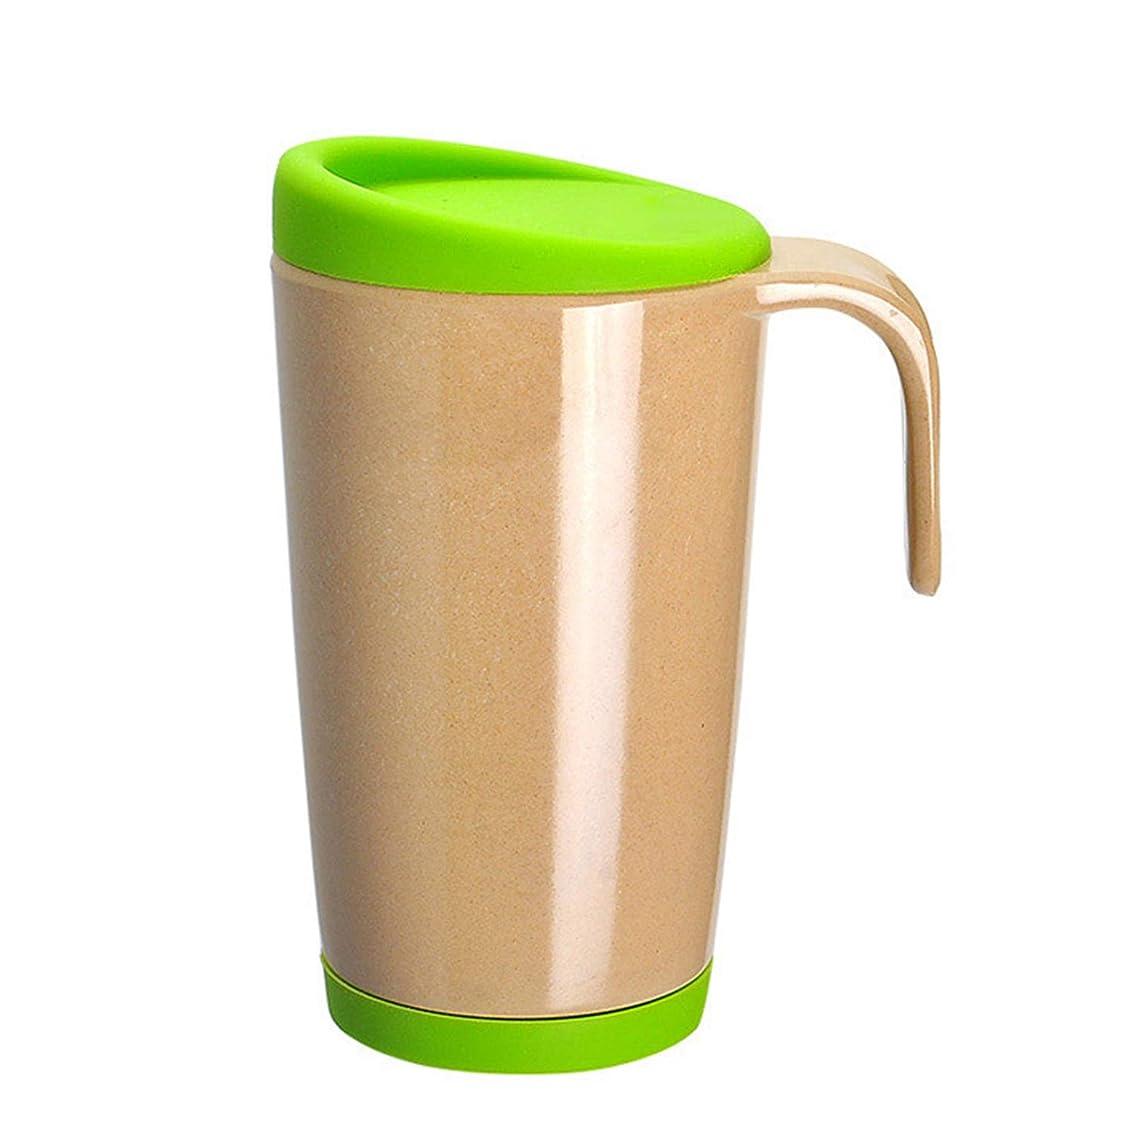 装置うまランプコーヒーカップ 蓋付きのコップ 断熱 恋人、友達、学生にプレゼント green